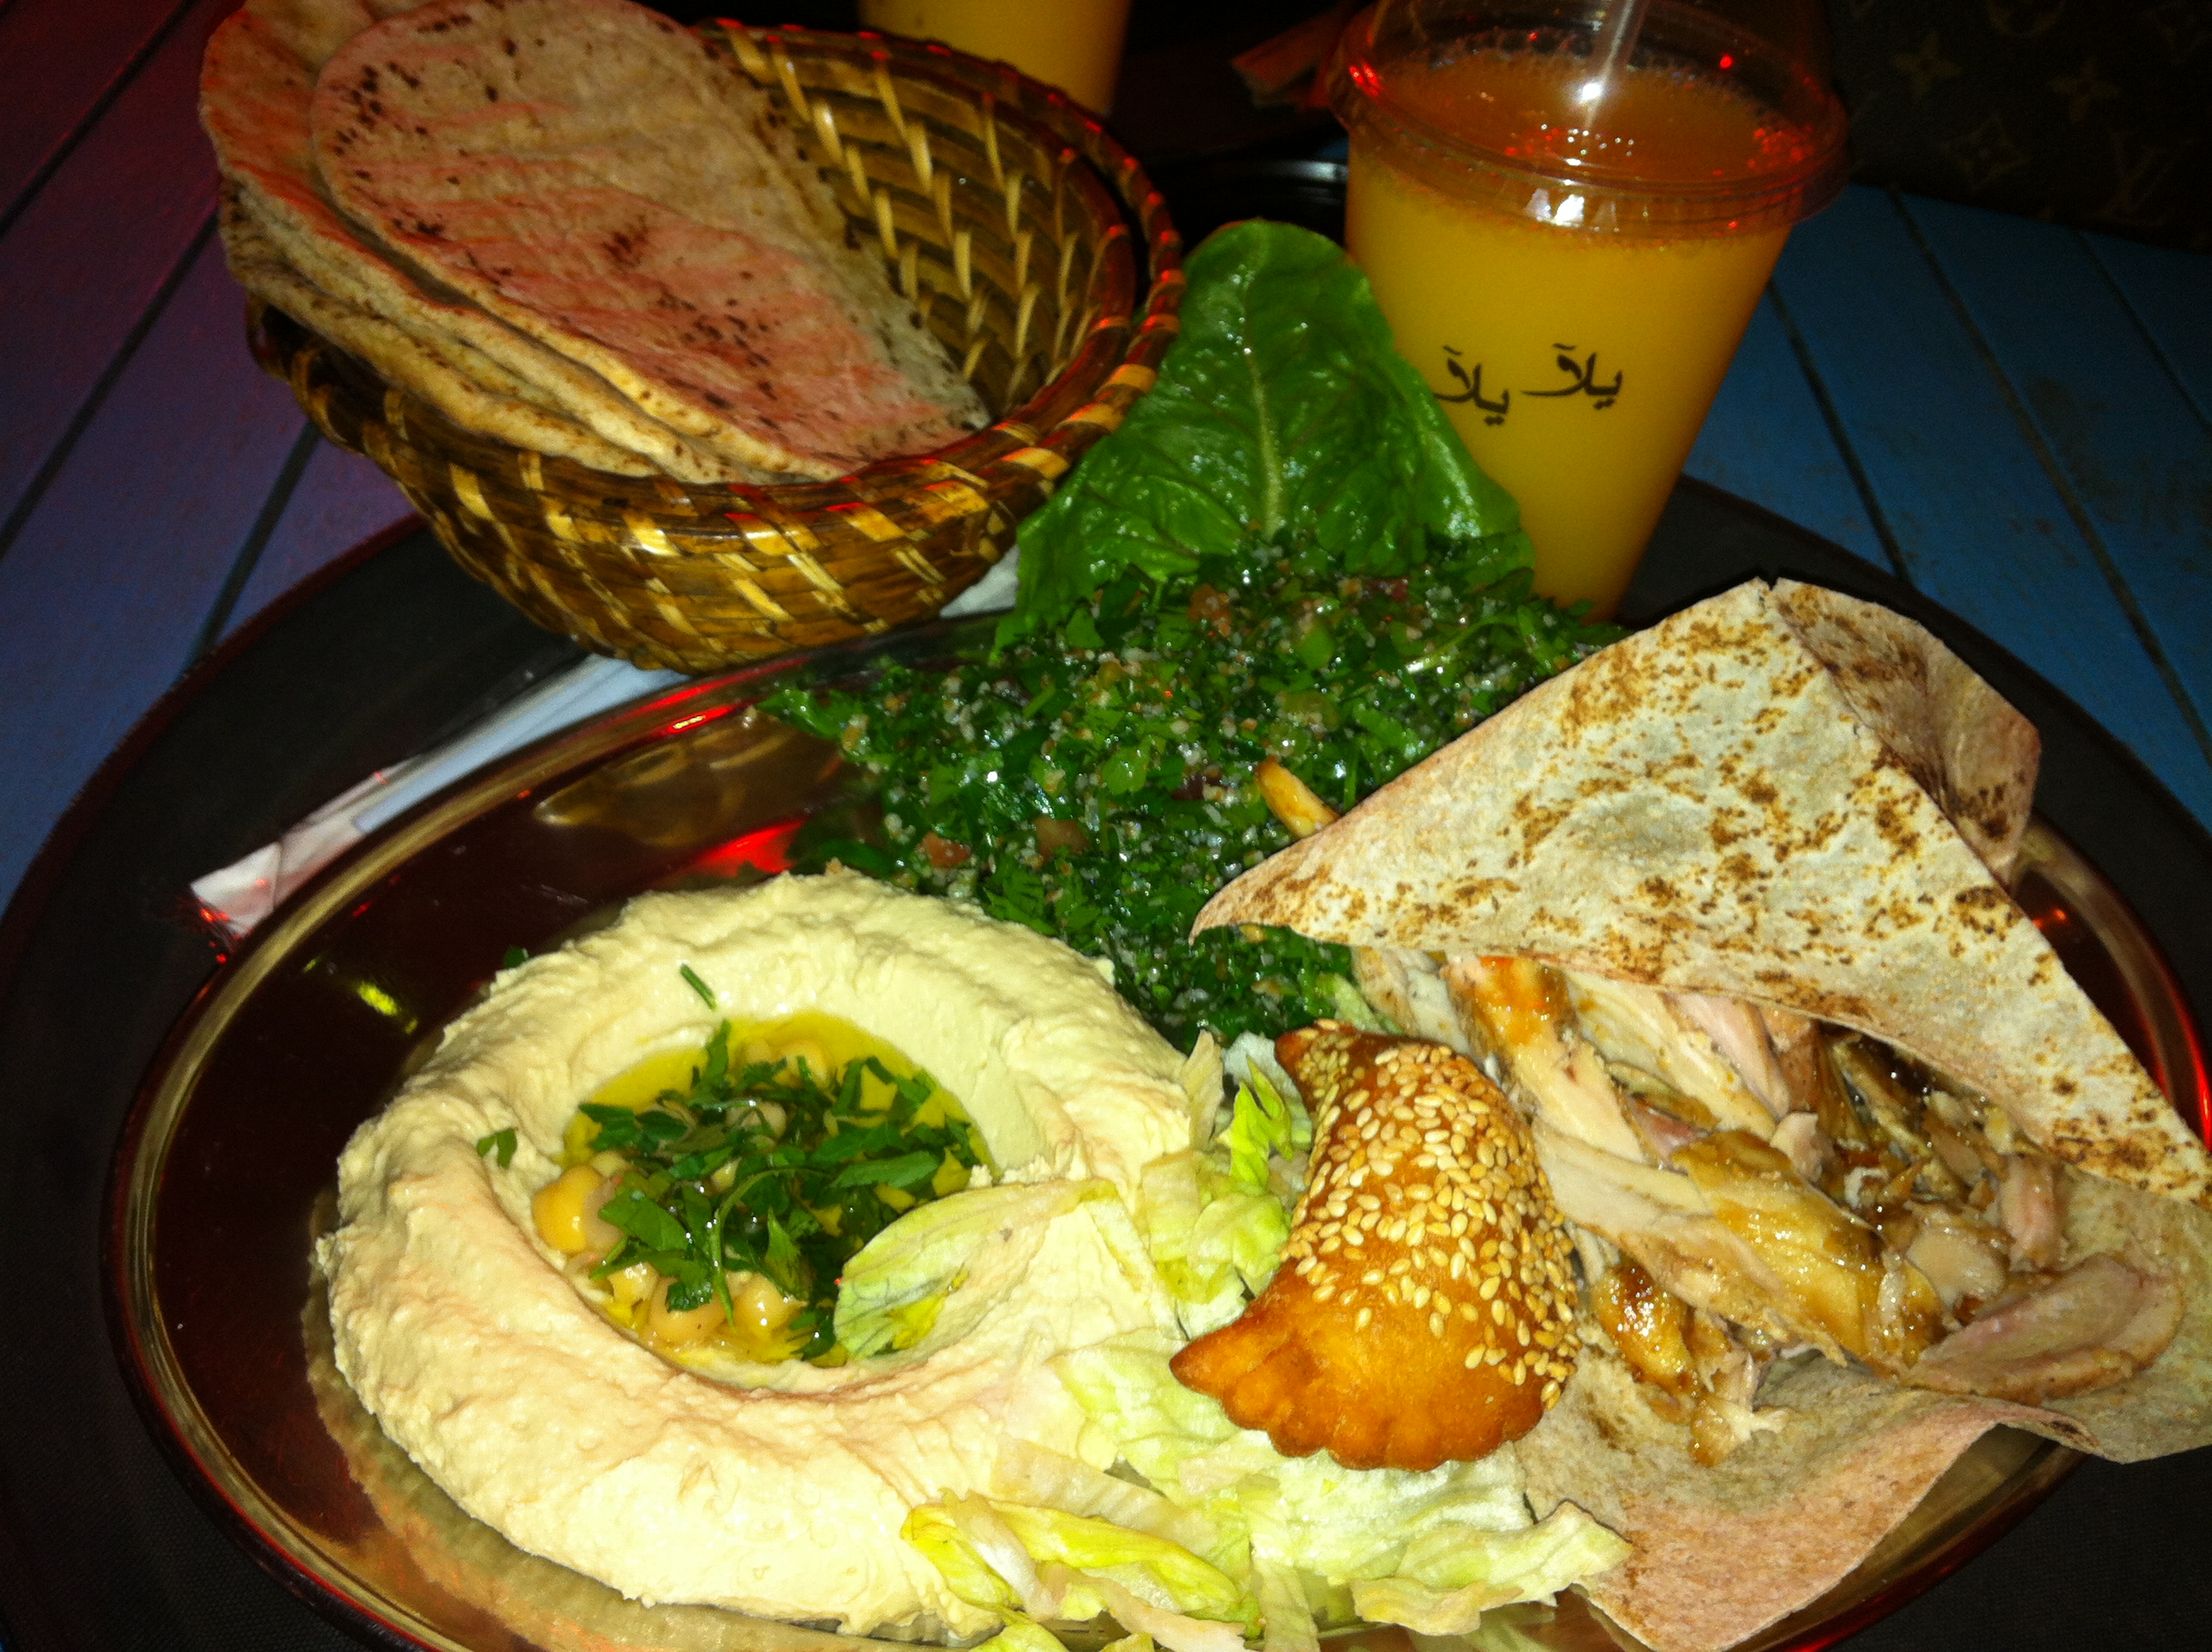 yalla yalla beirut street food